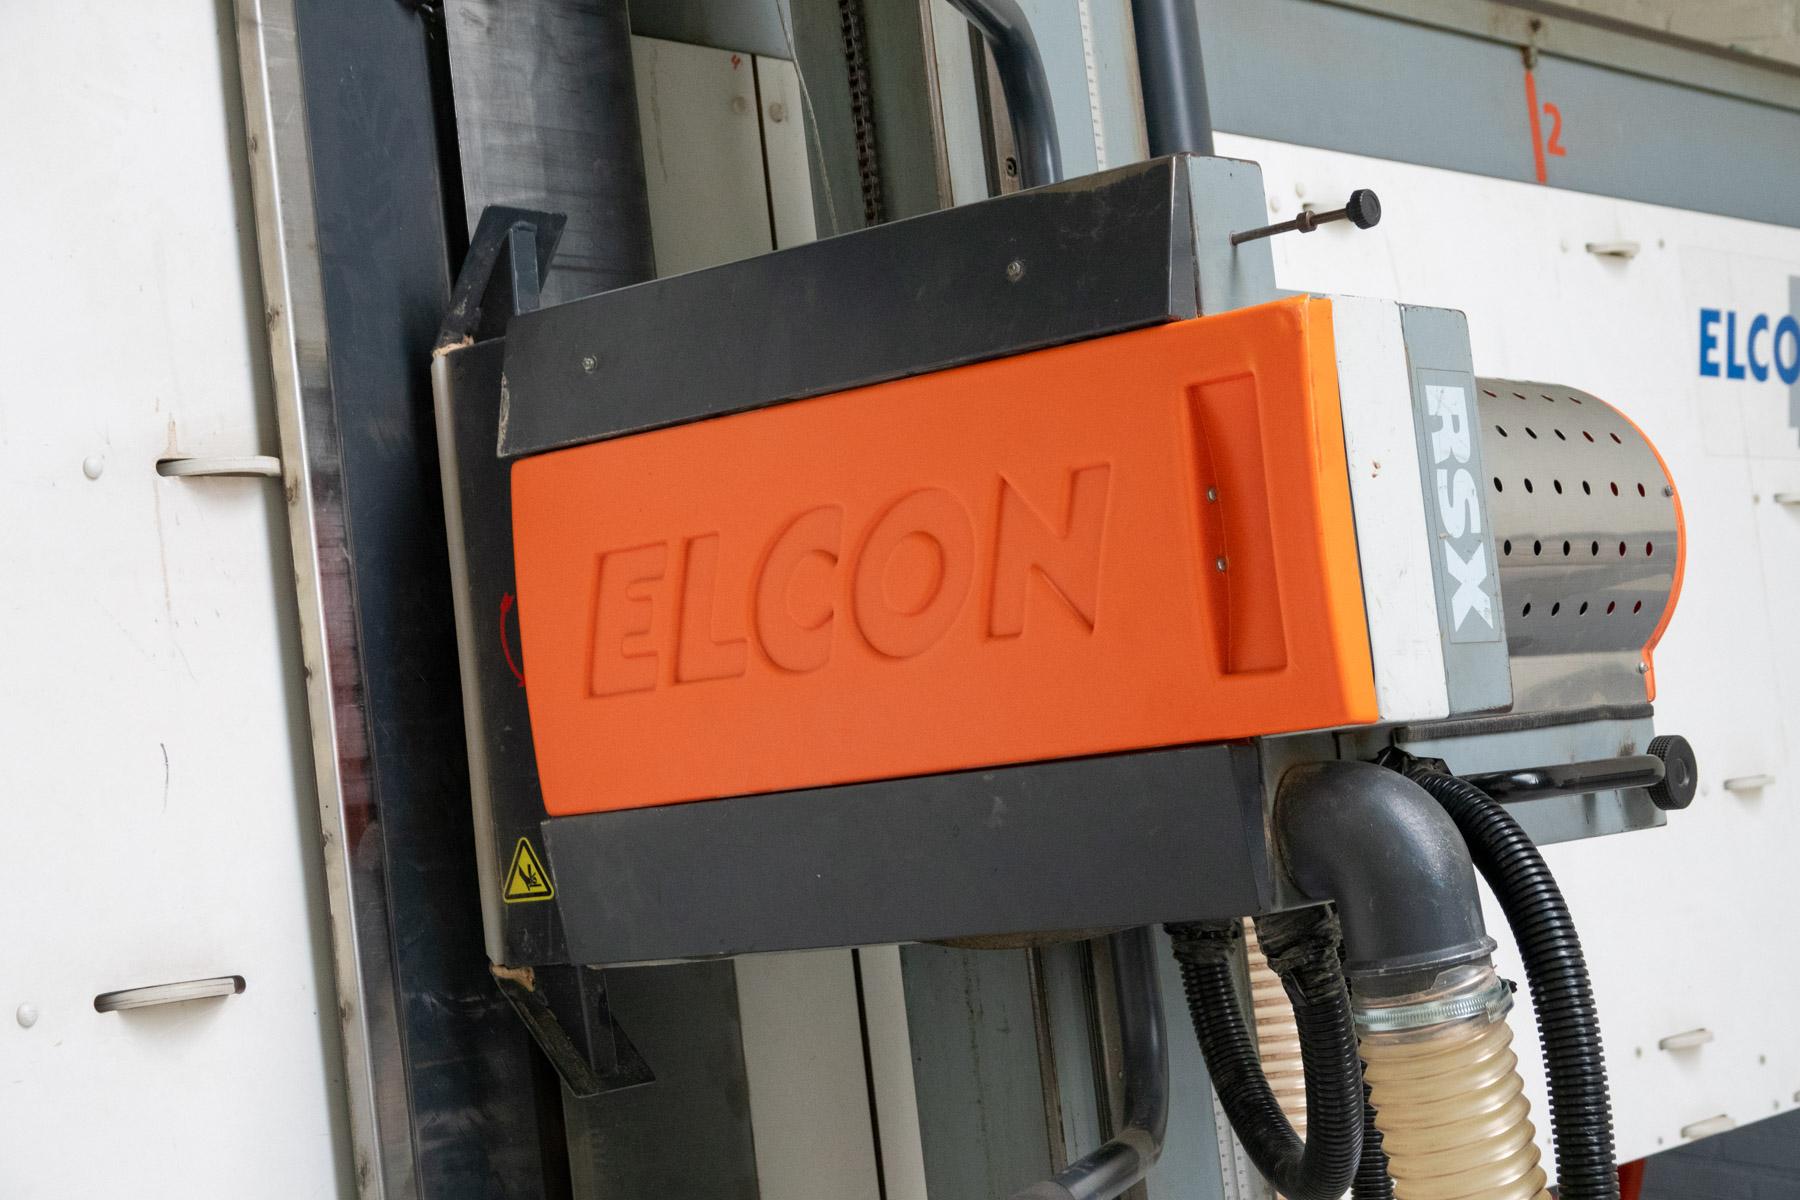 Elcon DSX 185 gebruikte wandplatenzaag